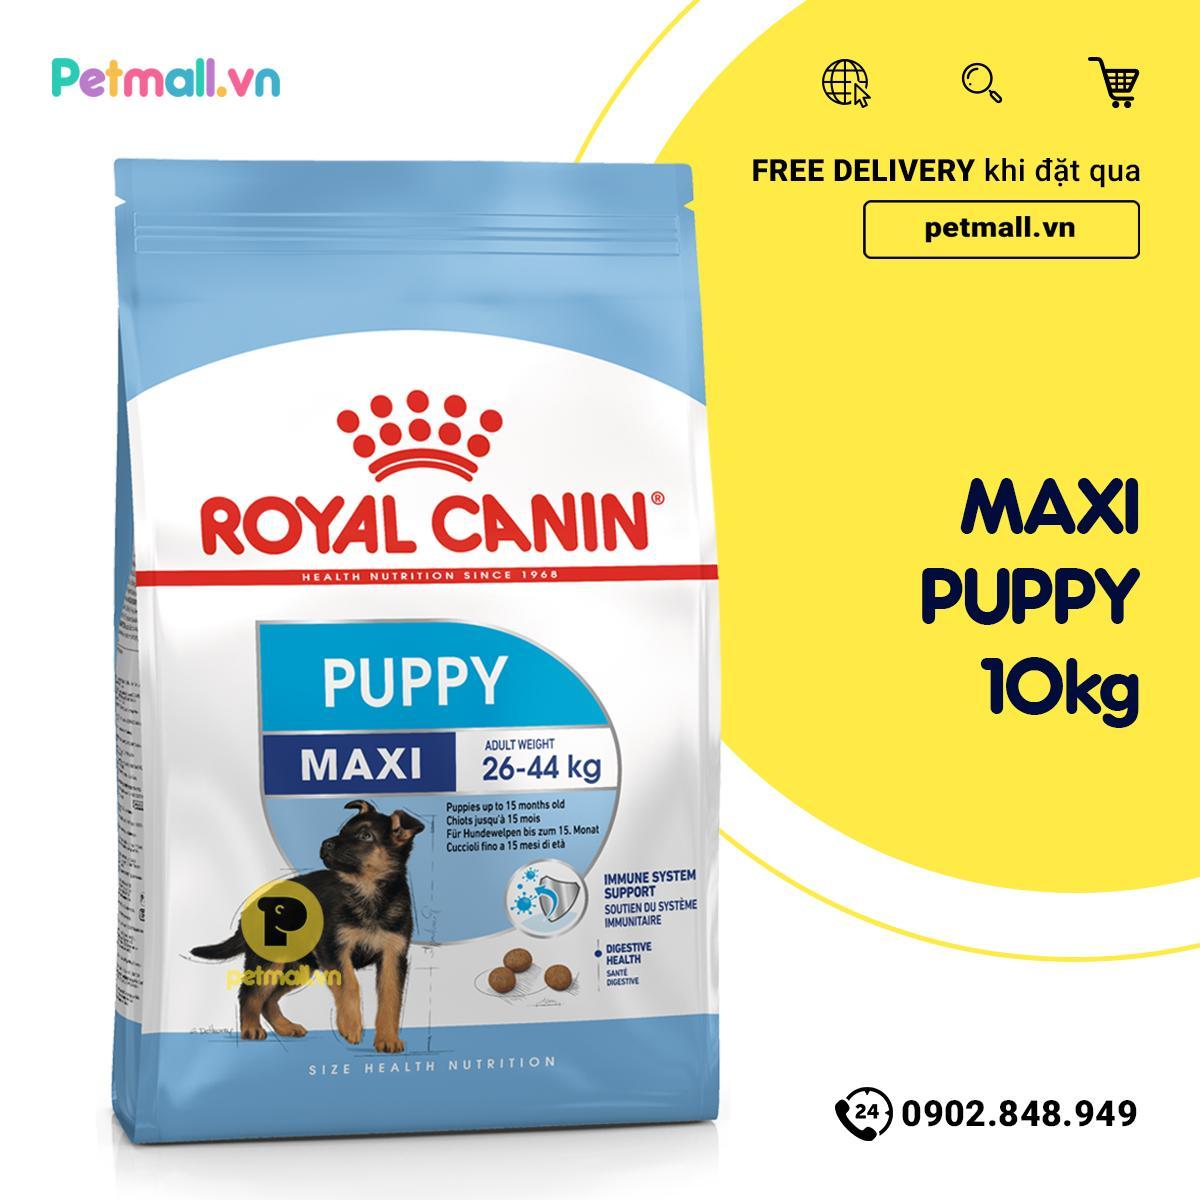 Thức ăn Chó Royal Canin MAXI PUPPY 10kg Với Giá Sốc